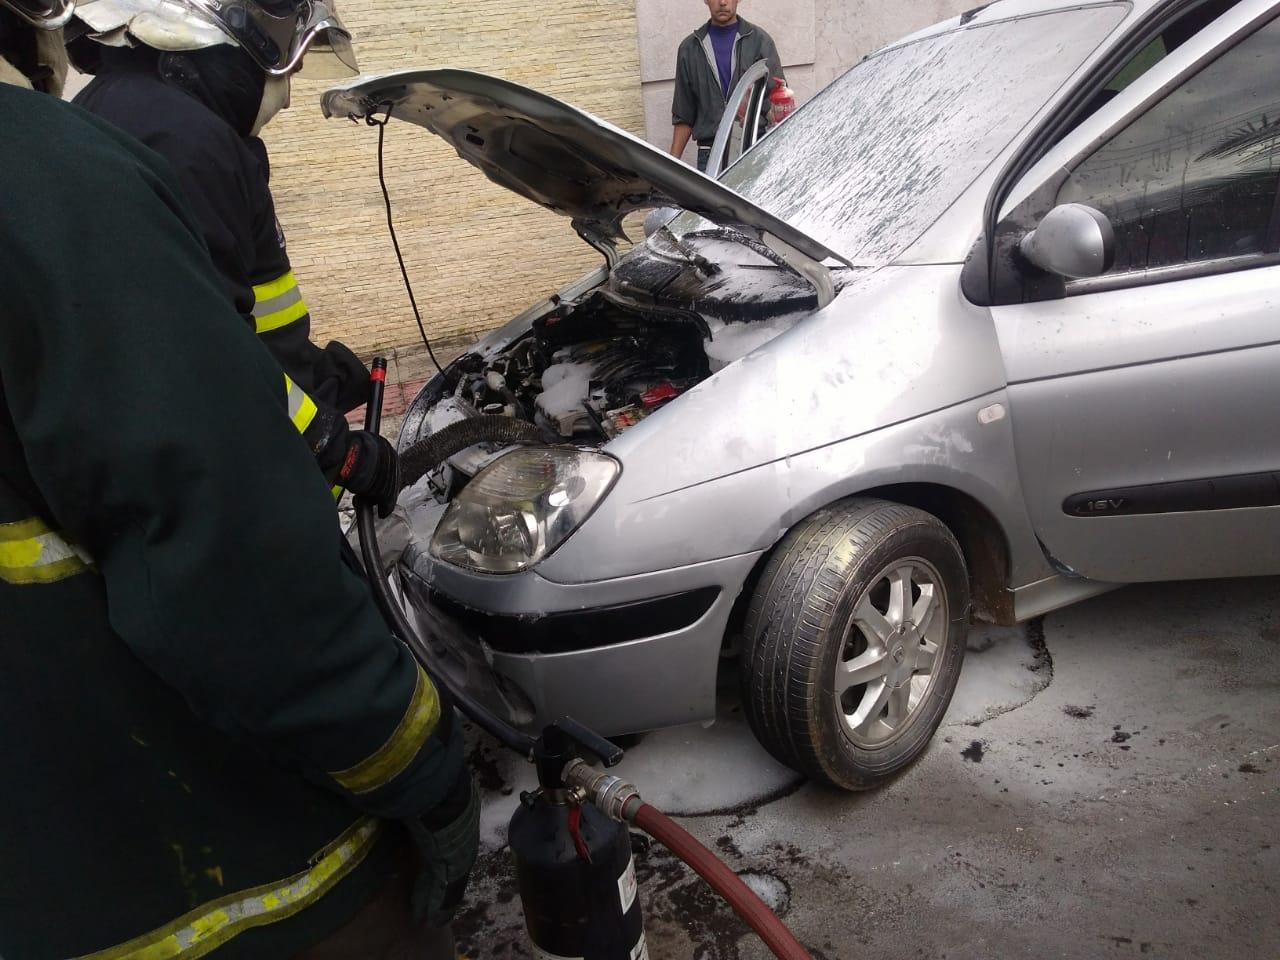 Fogo atinge motor de carro na área central de Concórdia